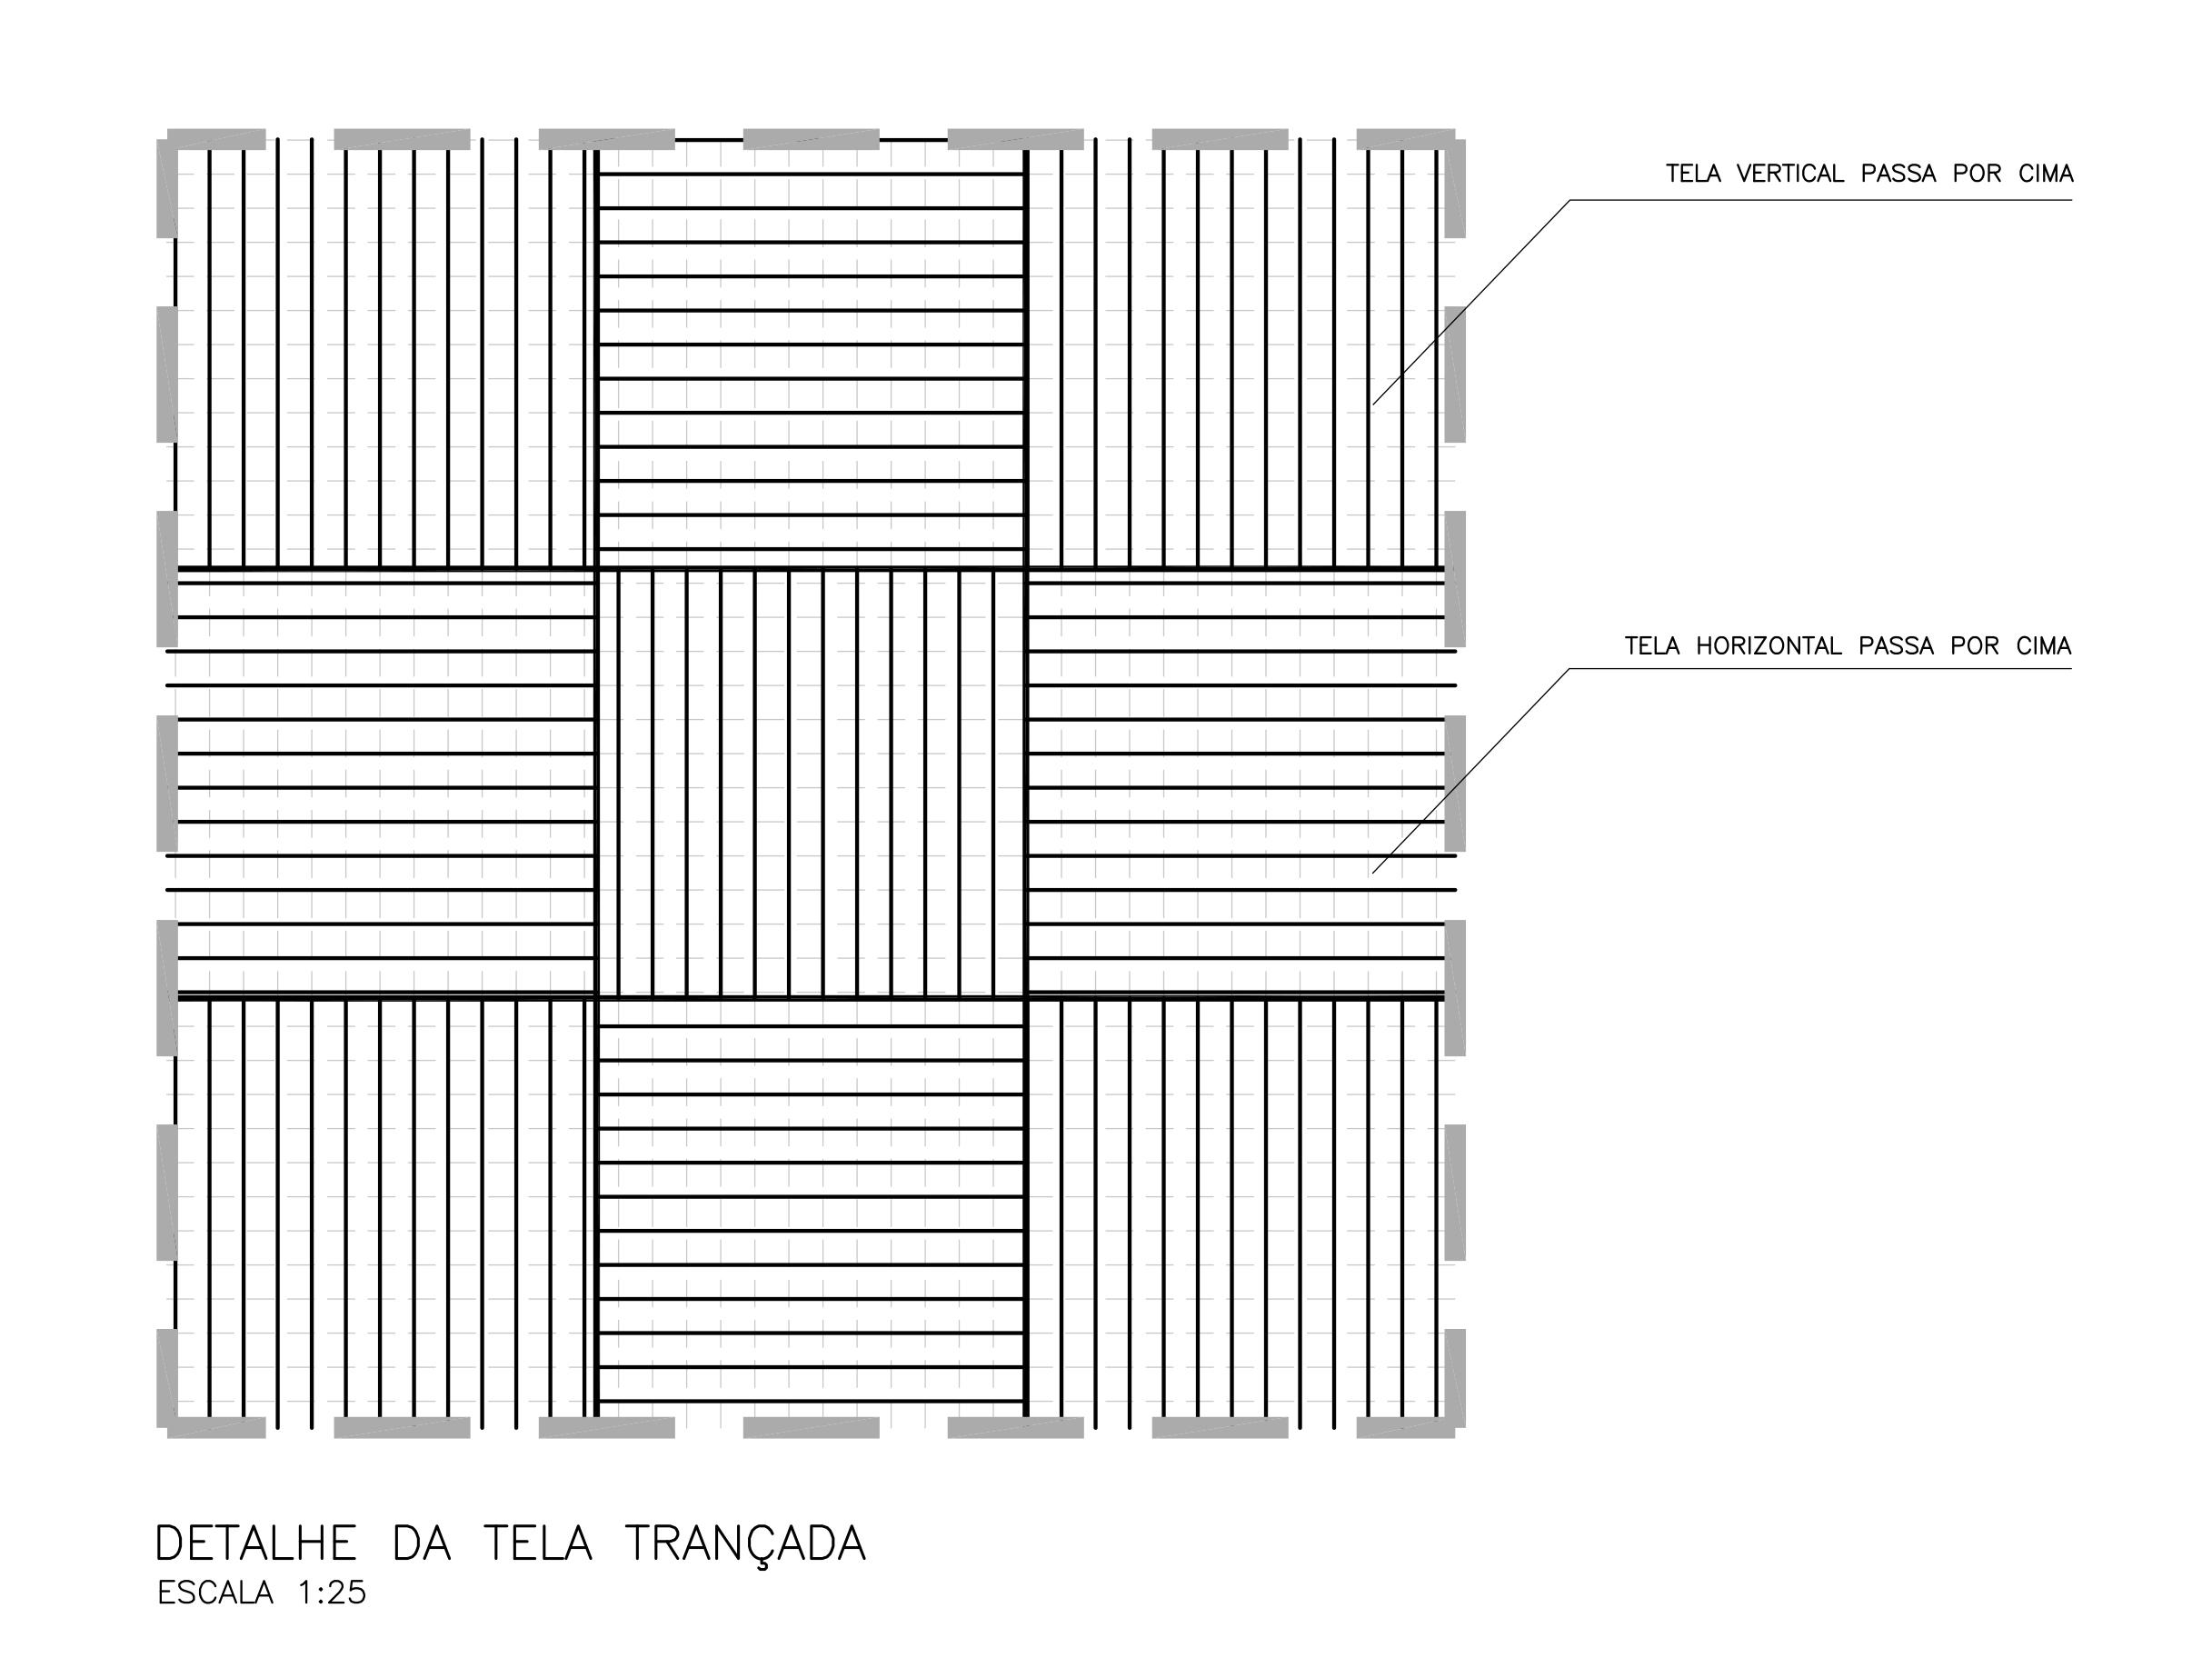 PROJEXECUTIVO_TELA_LABORATORIO PORTE_R01x.jpg